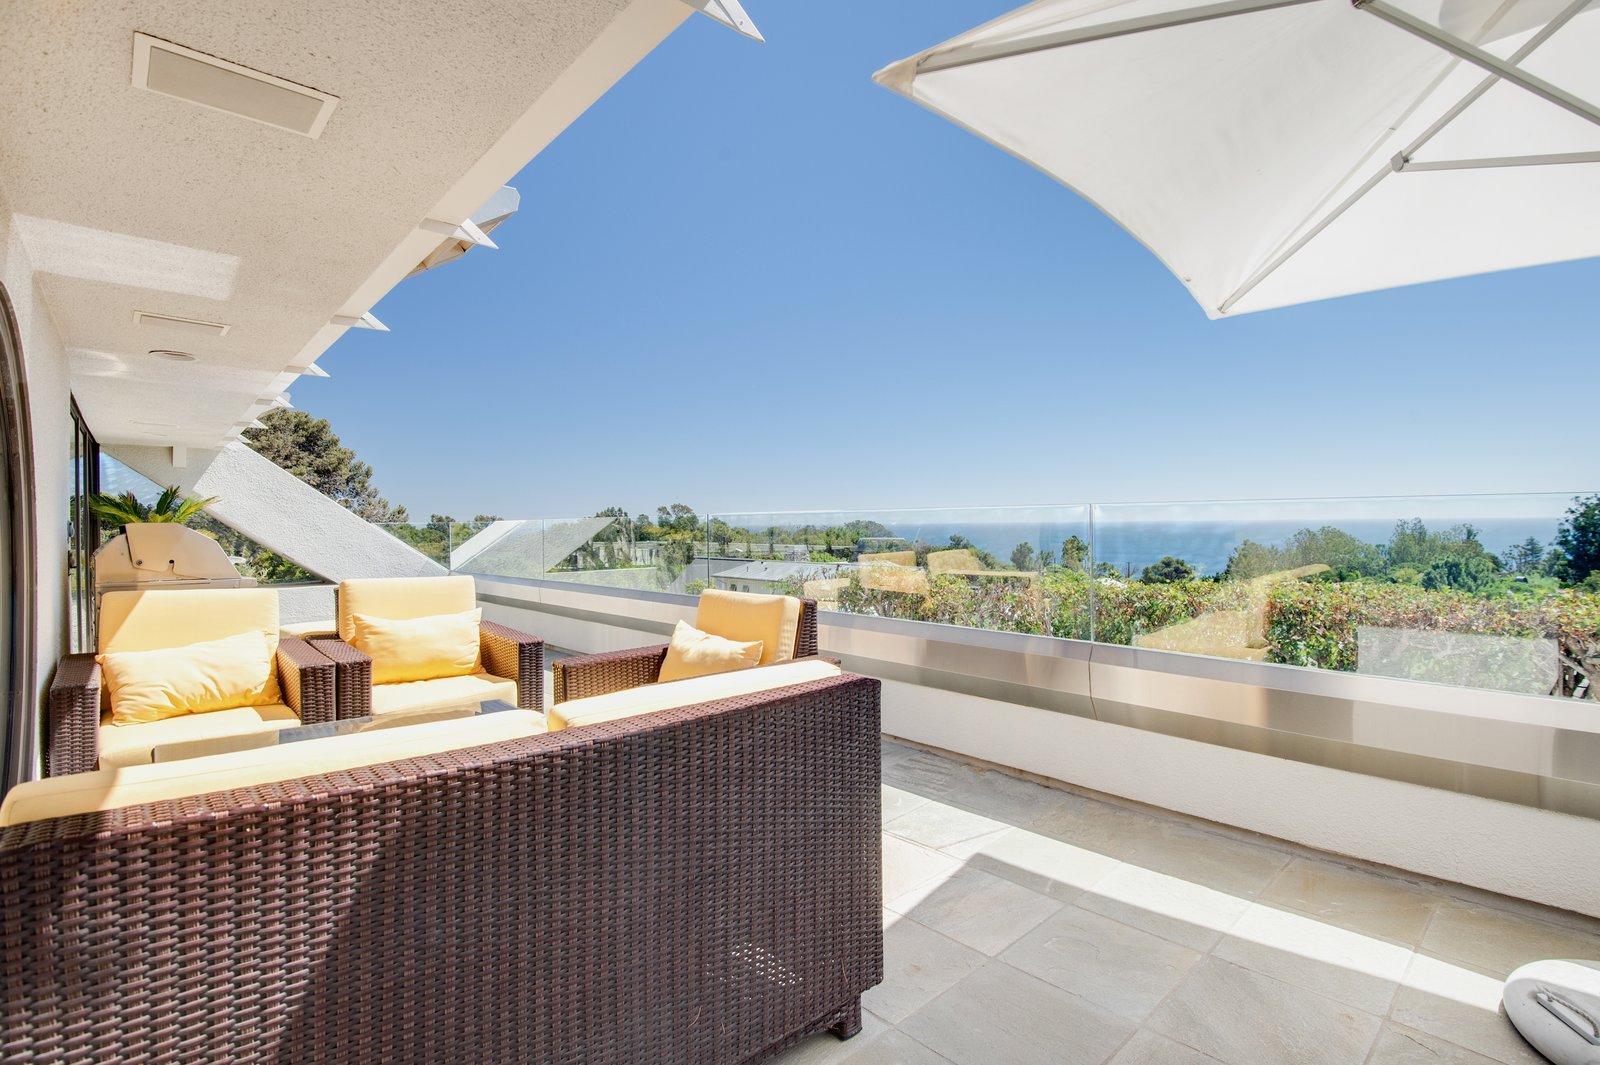 Malibu Star Trek home terrace